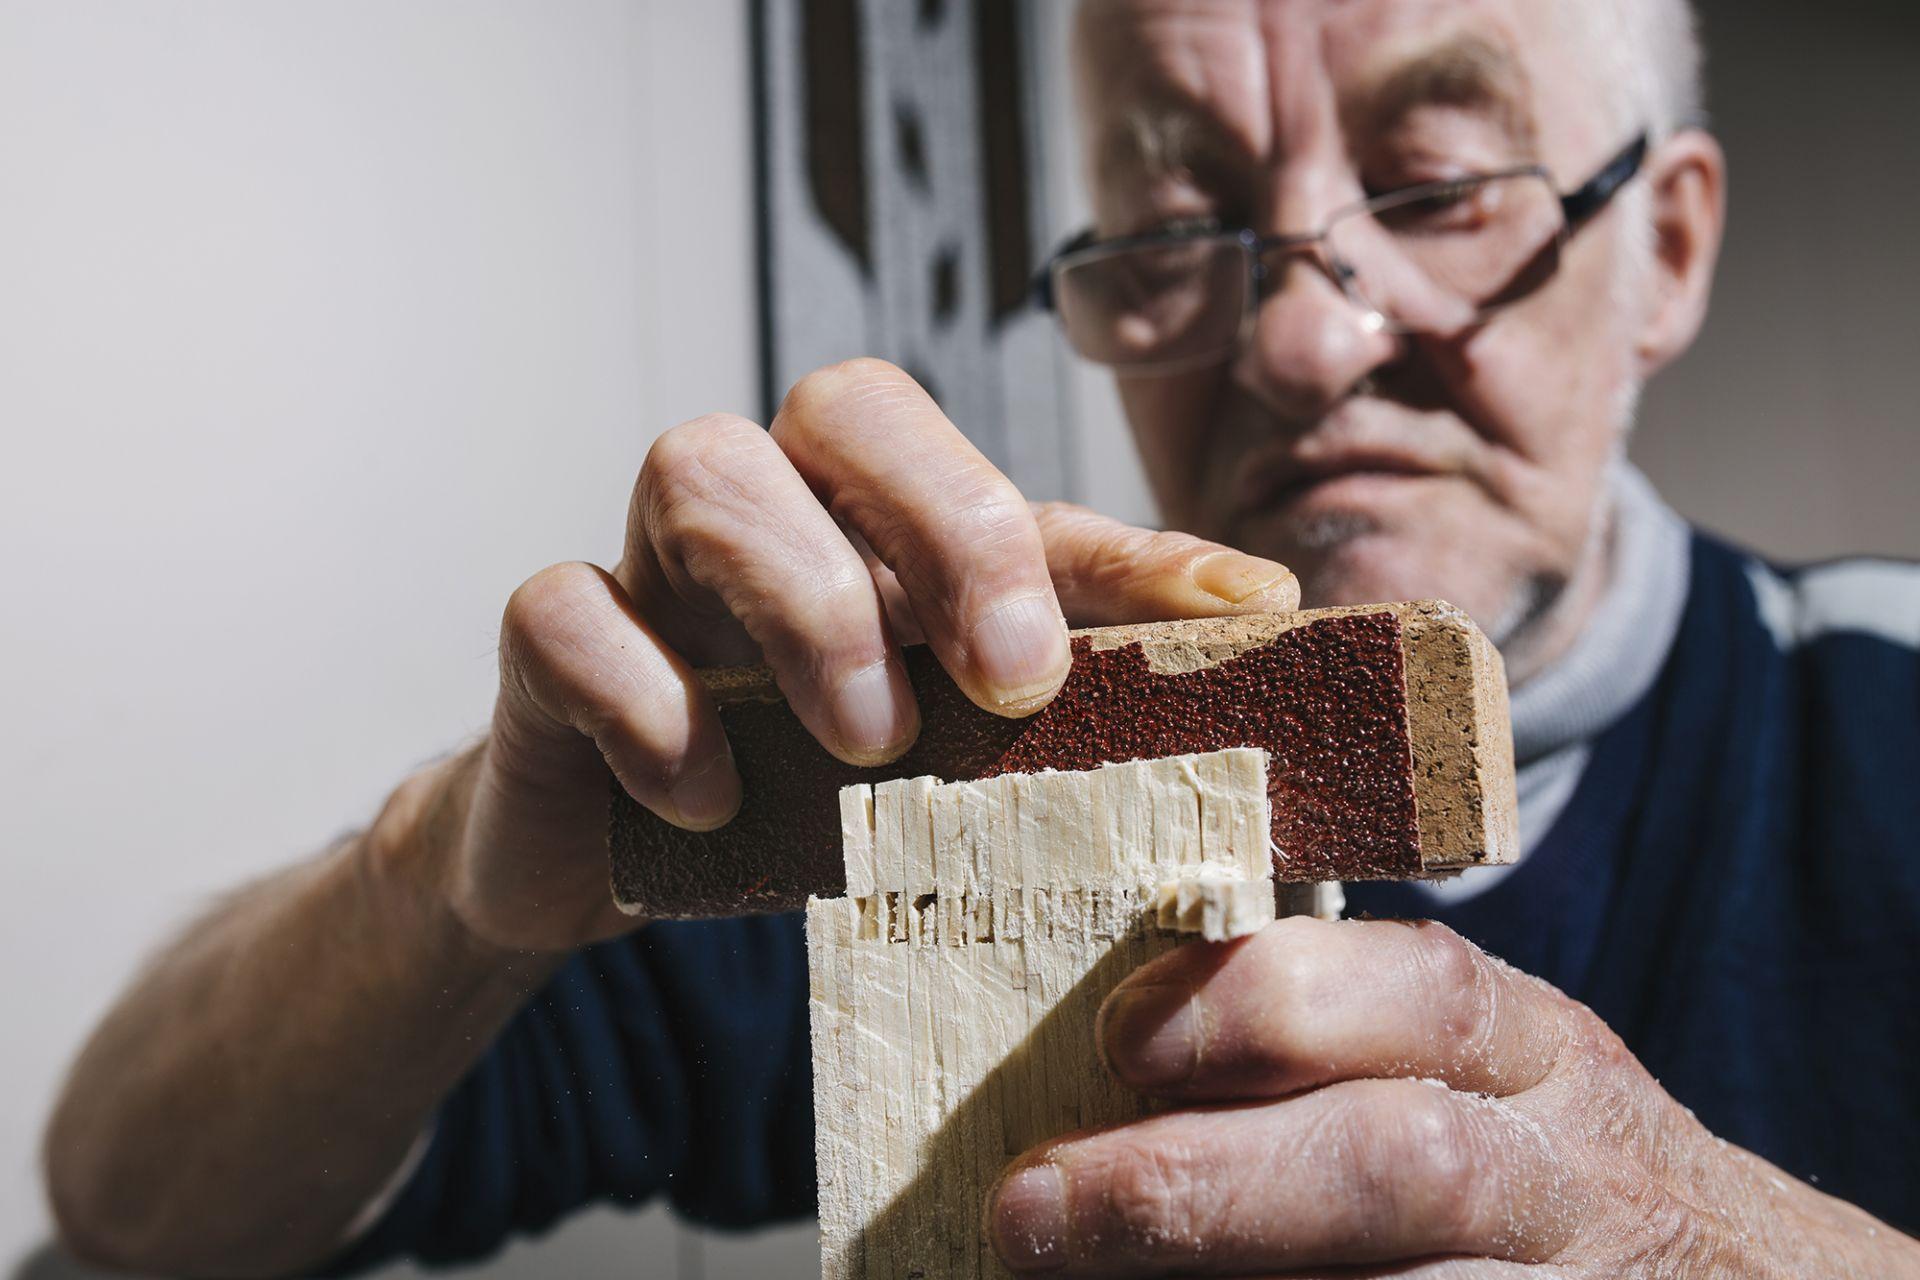 Mies hioo yhteenliimatuista tulitikuista tehtyä levyä.